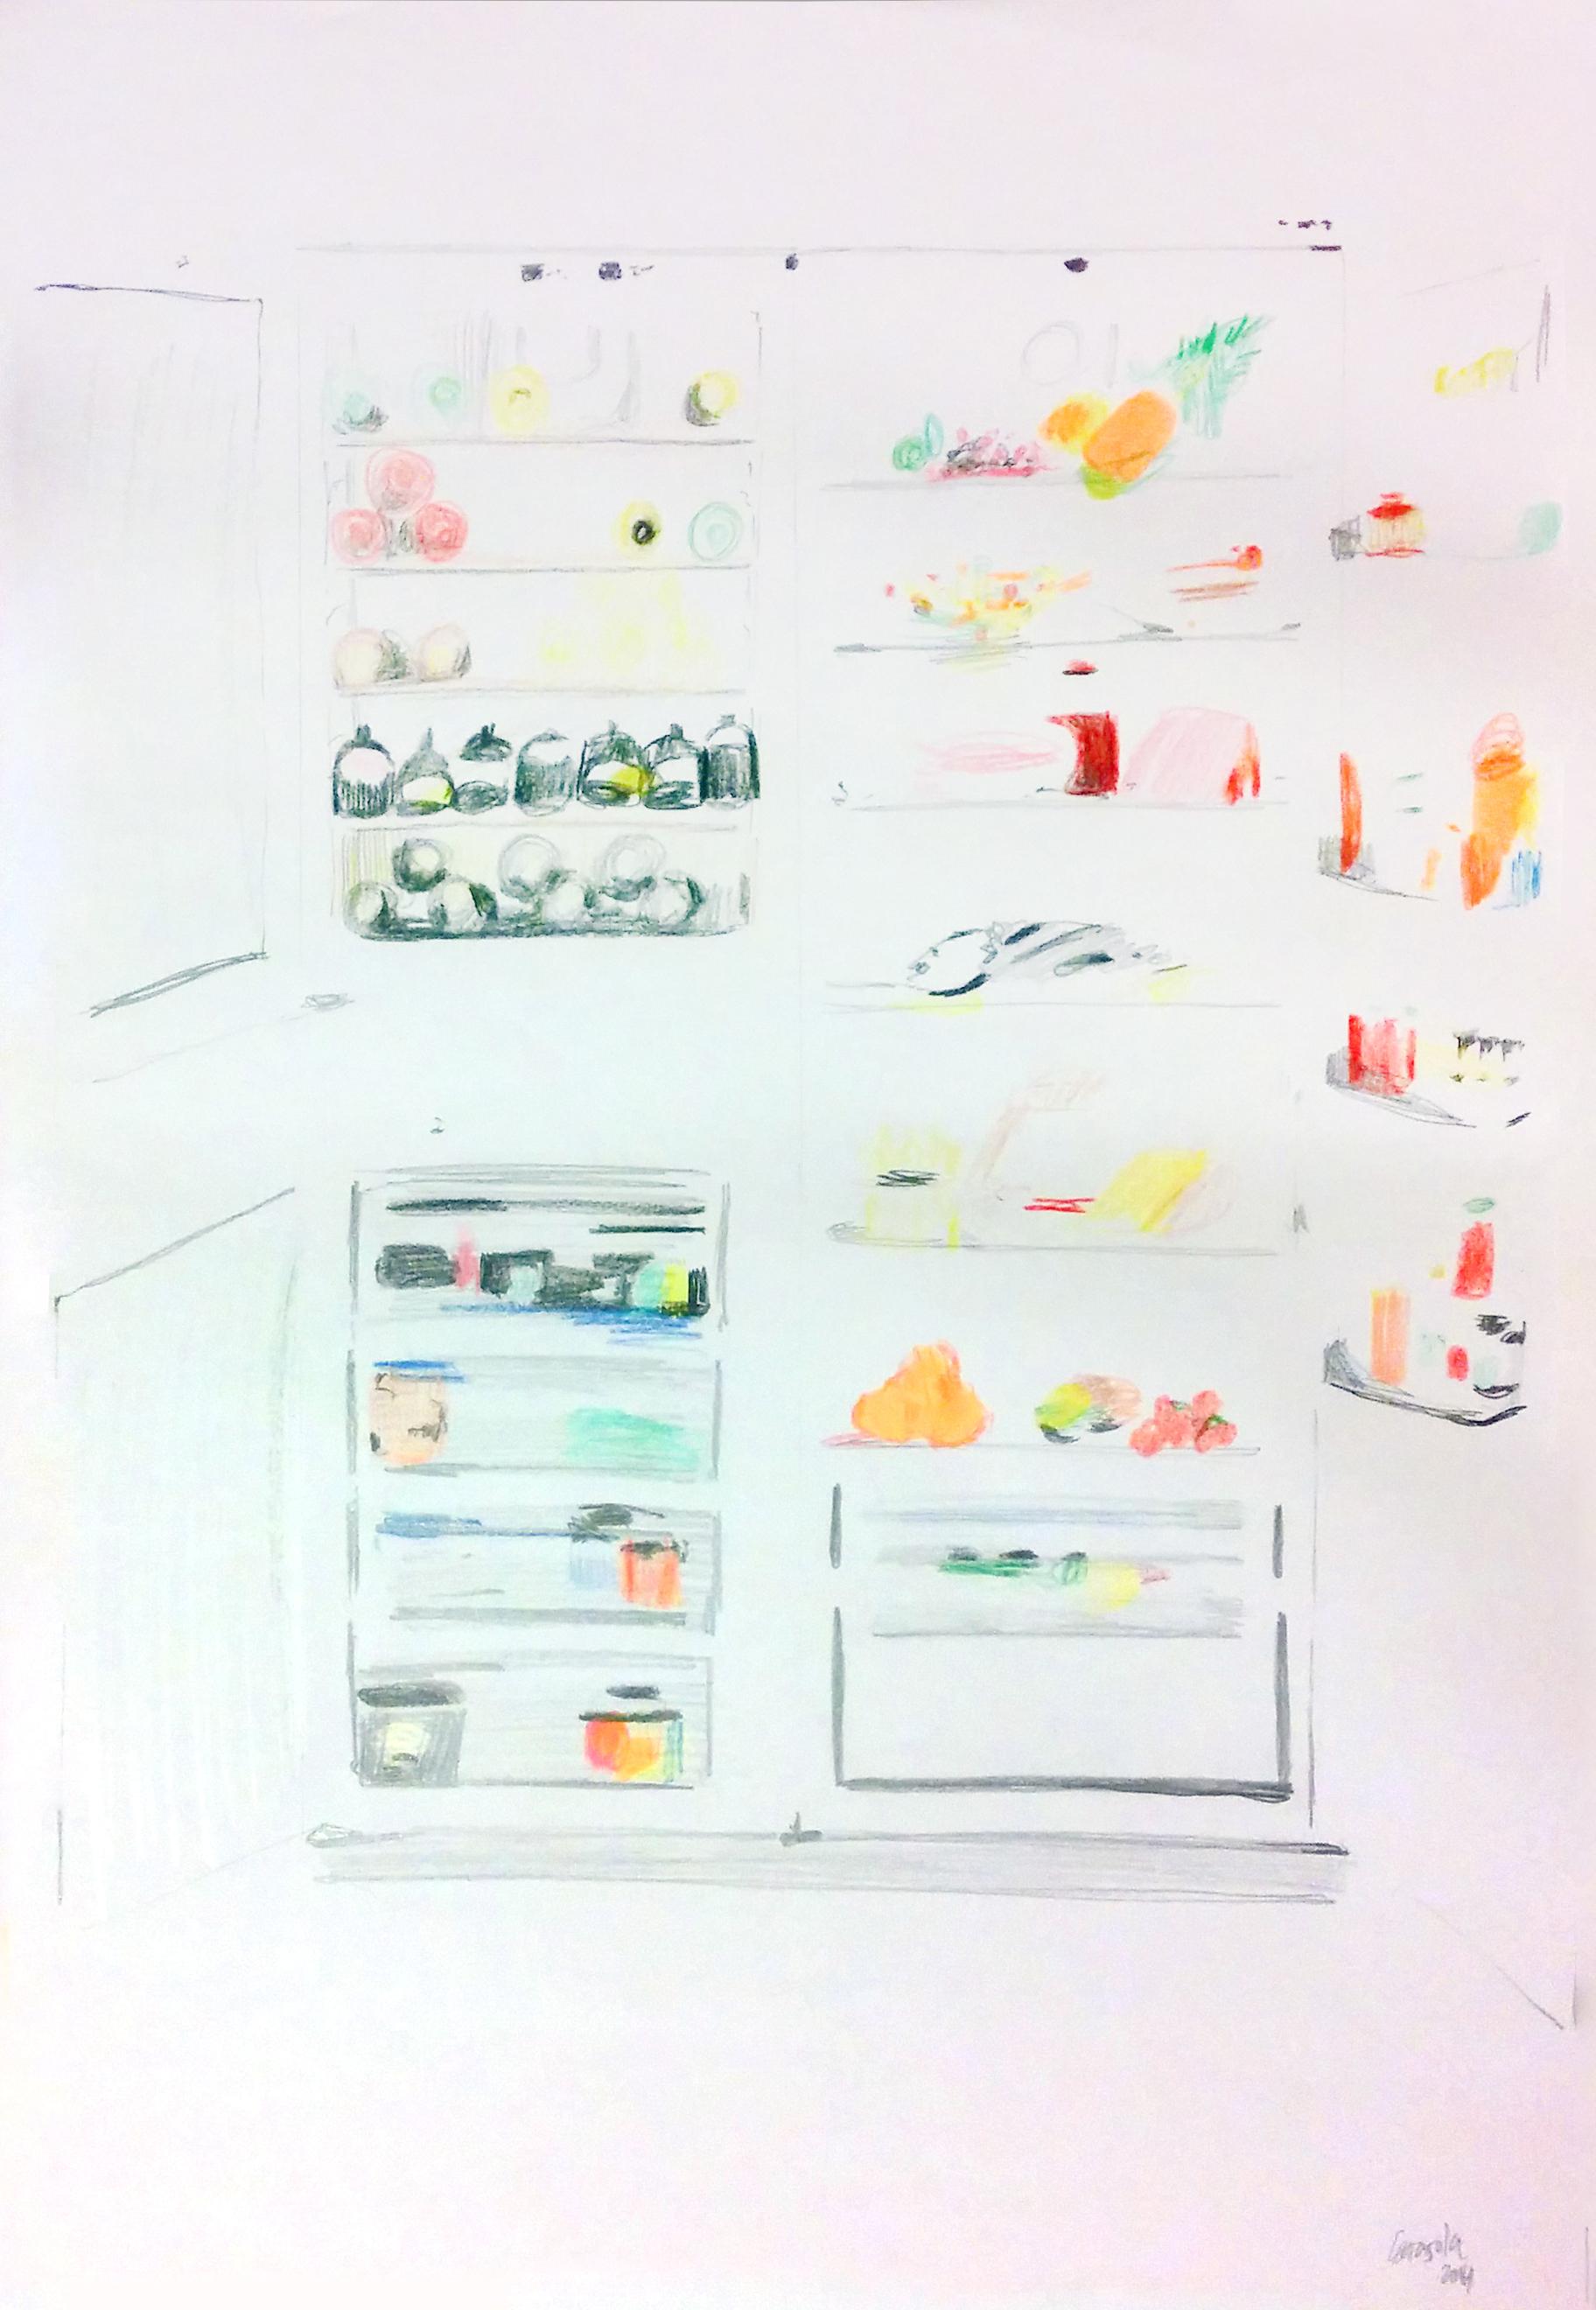 descortesia I, 42 x 29, rotuladores y lapices de color papel, 2014.jpg